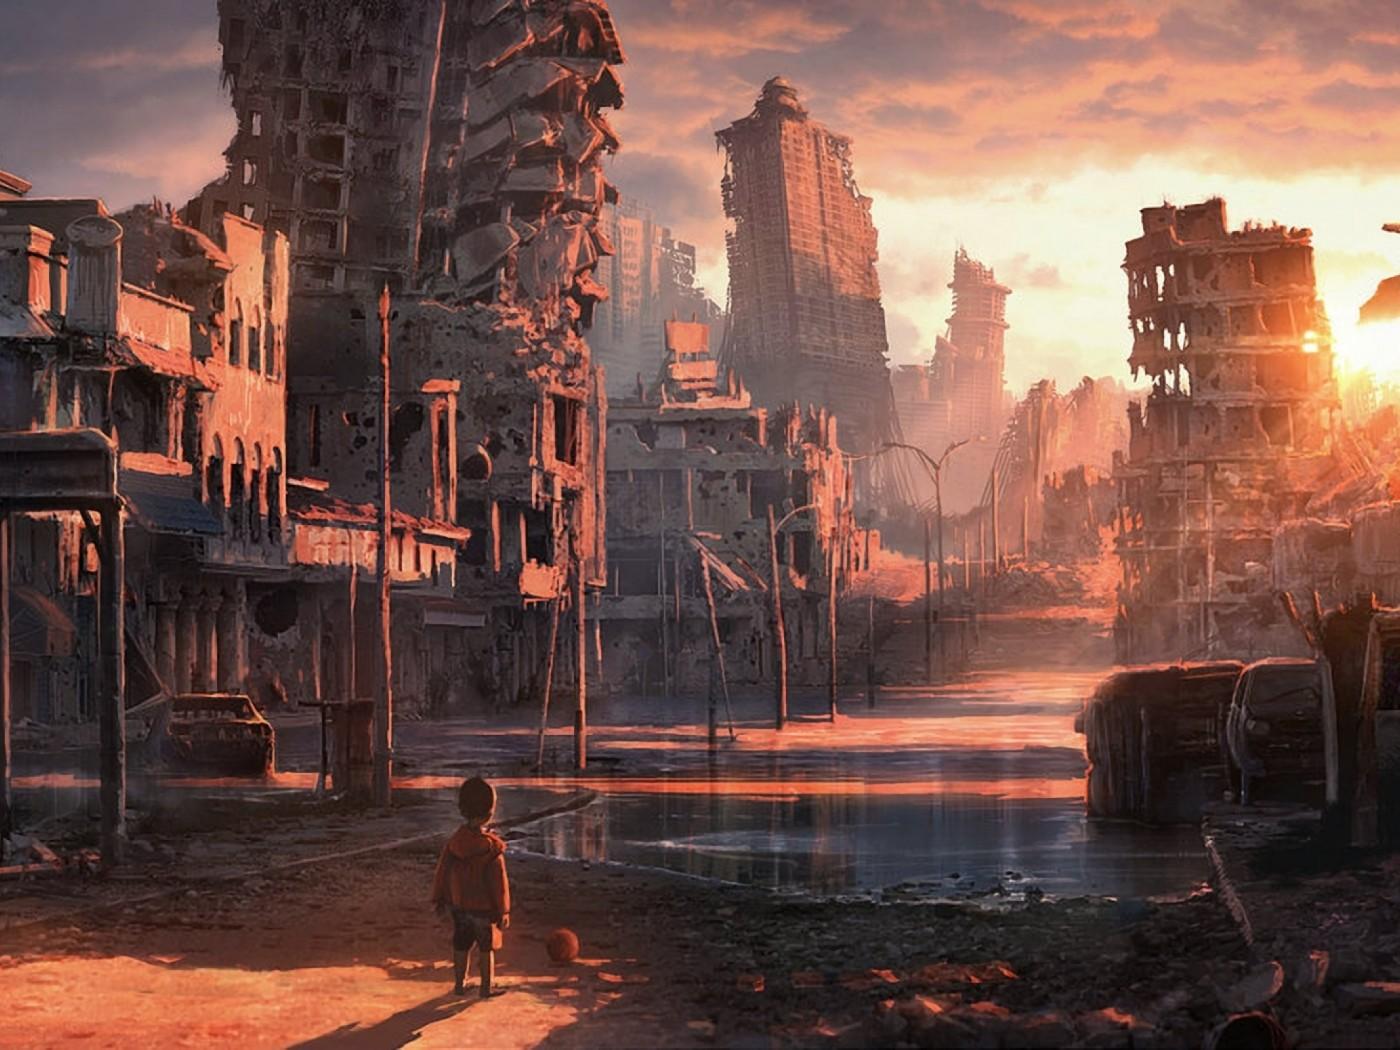 Ребёнок среди руин апокалипсис